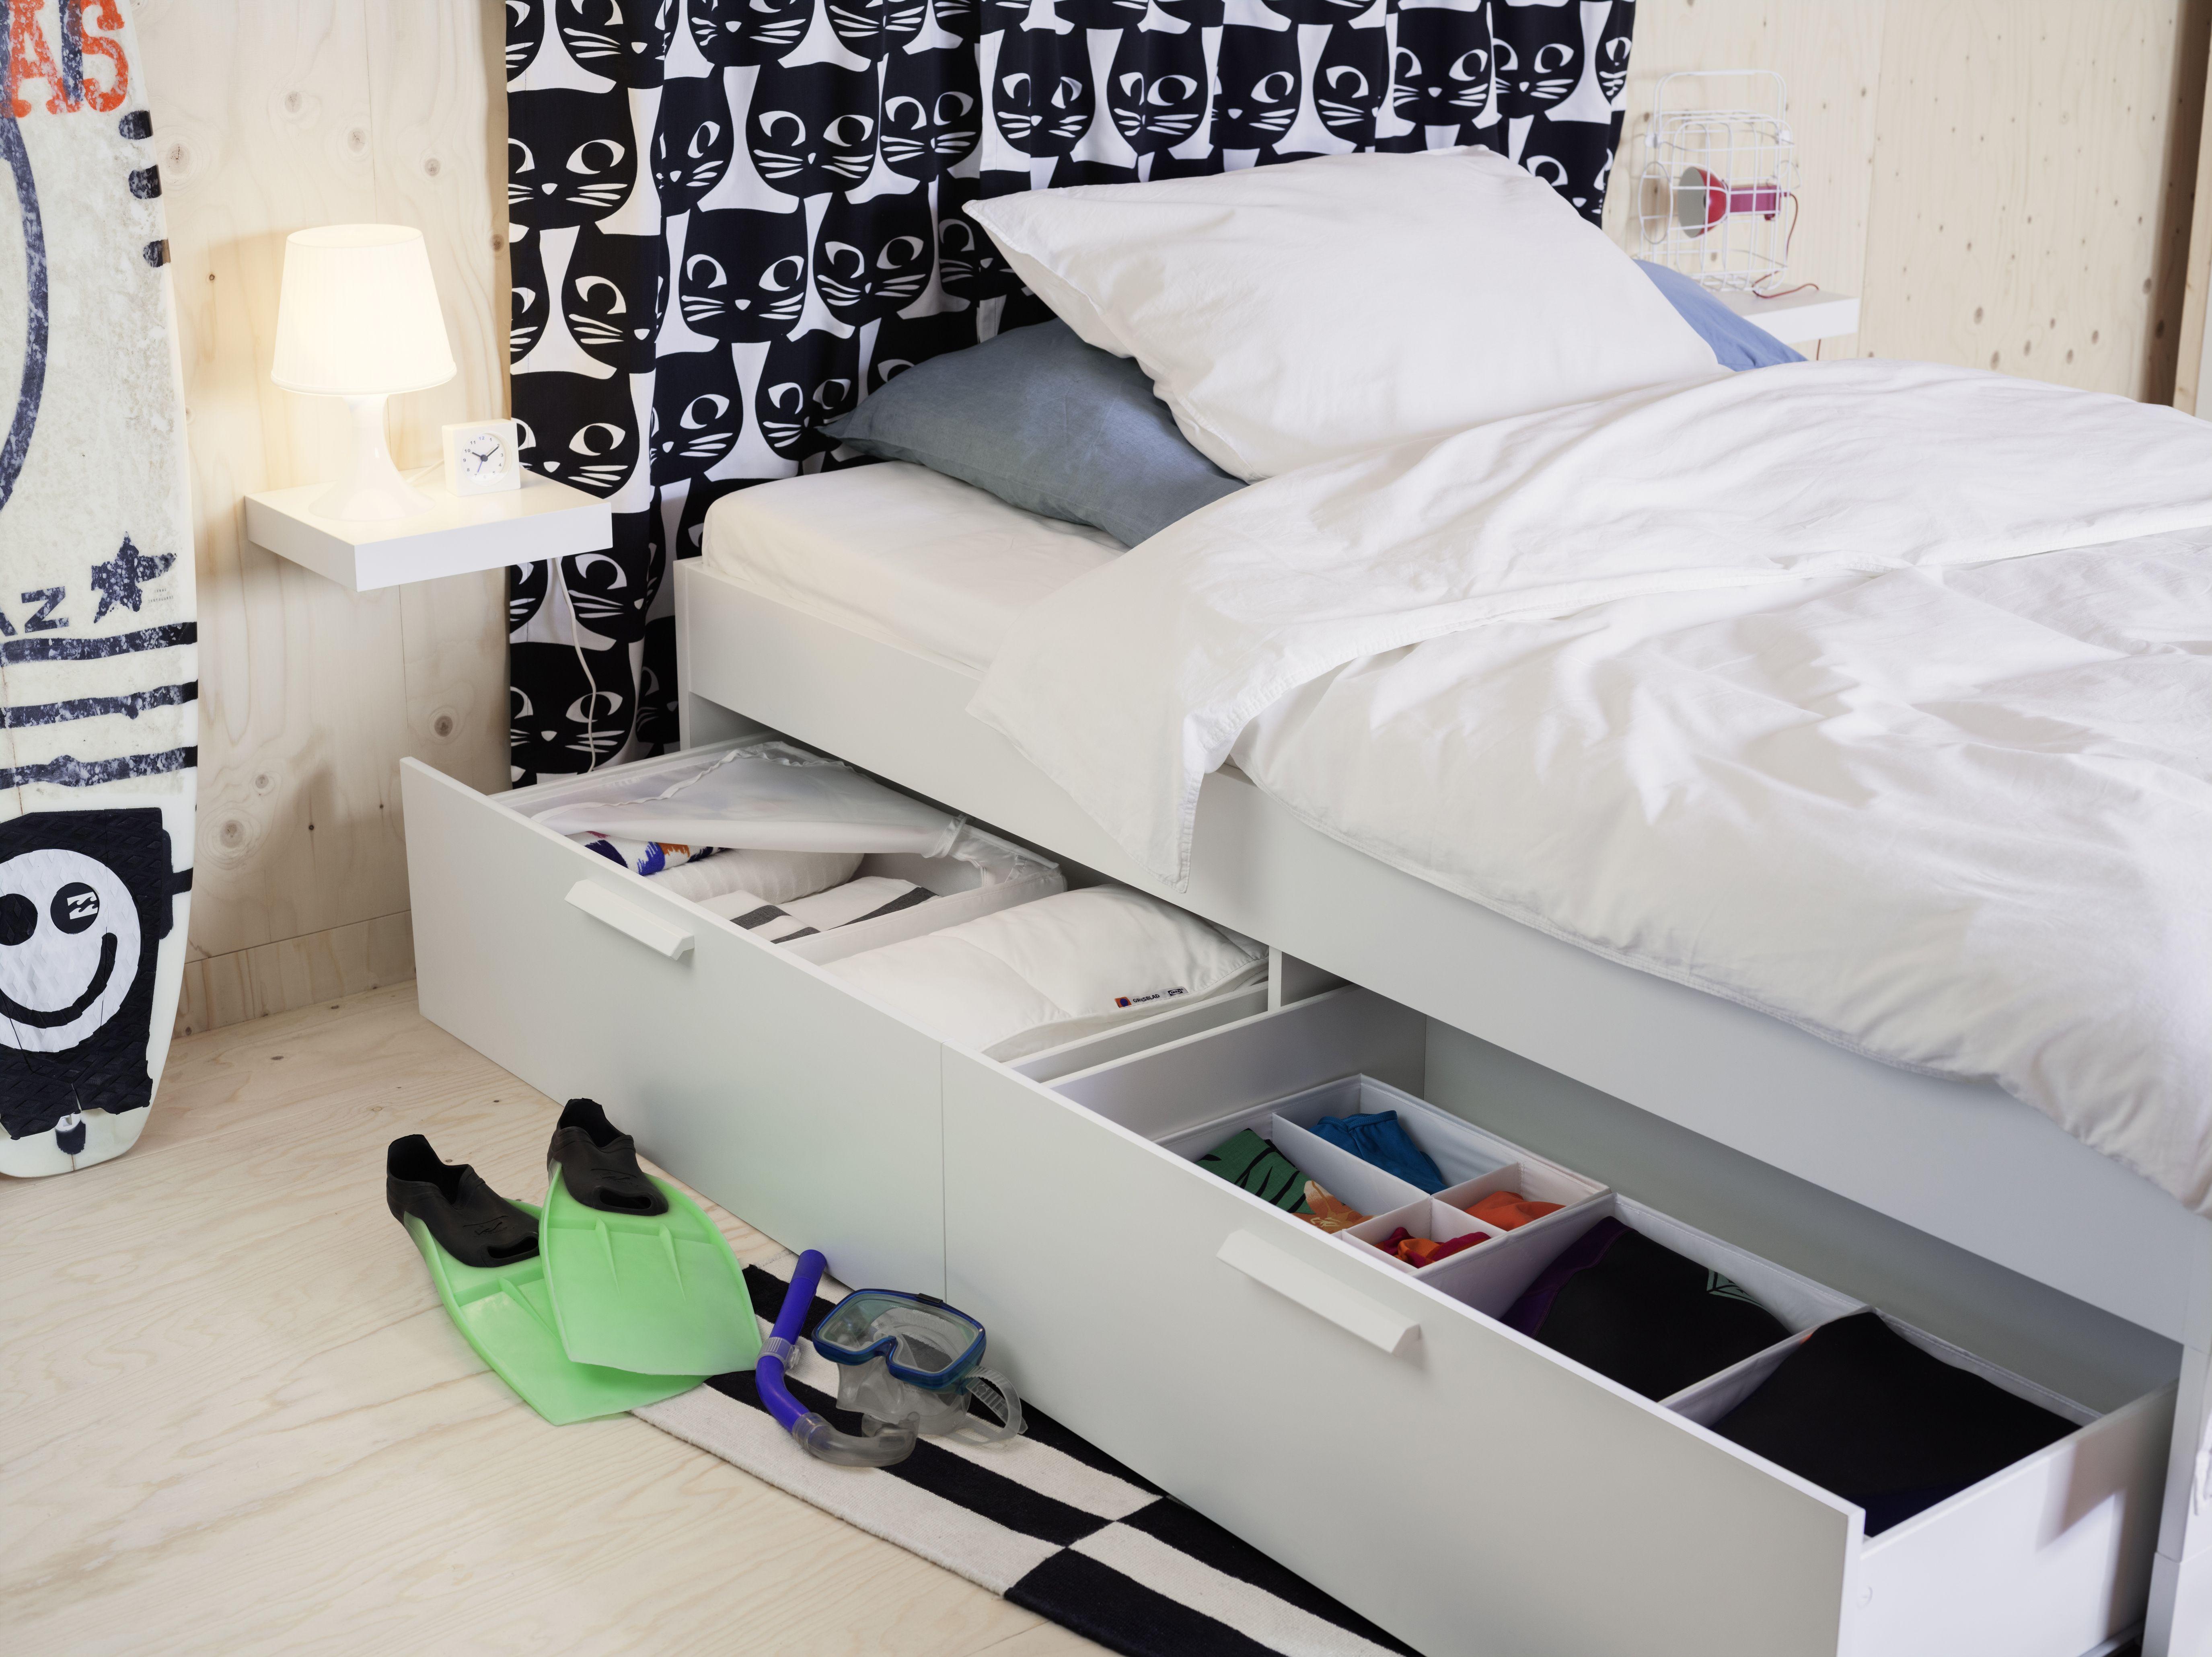 Brimnes Tagesbettgestell 2 Schubladen Weiss Ikea Deutschland Ikea Bett Mit Schubladen Bett Mit Bettkasten Bett Mit Schubladen